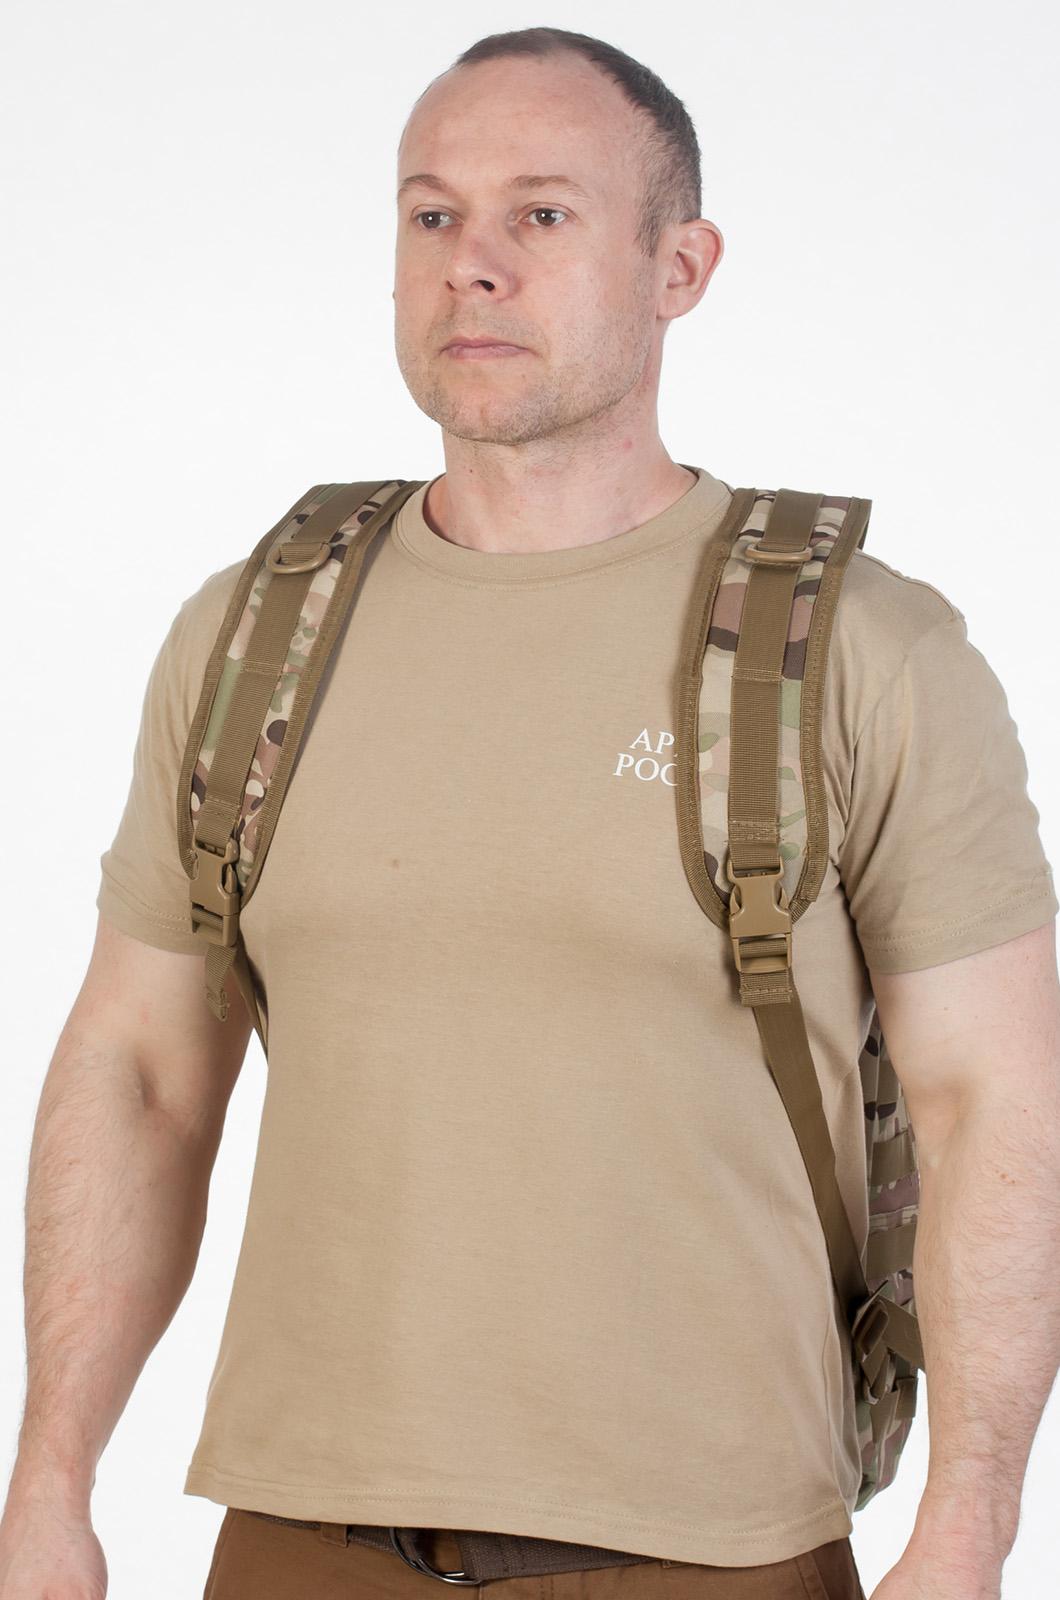 Охотничий камуфляжный рюкзак Ни Пуха ни Пера - купить с доставкой